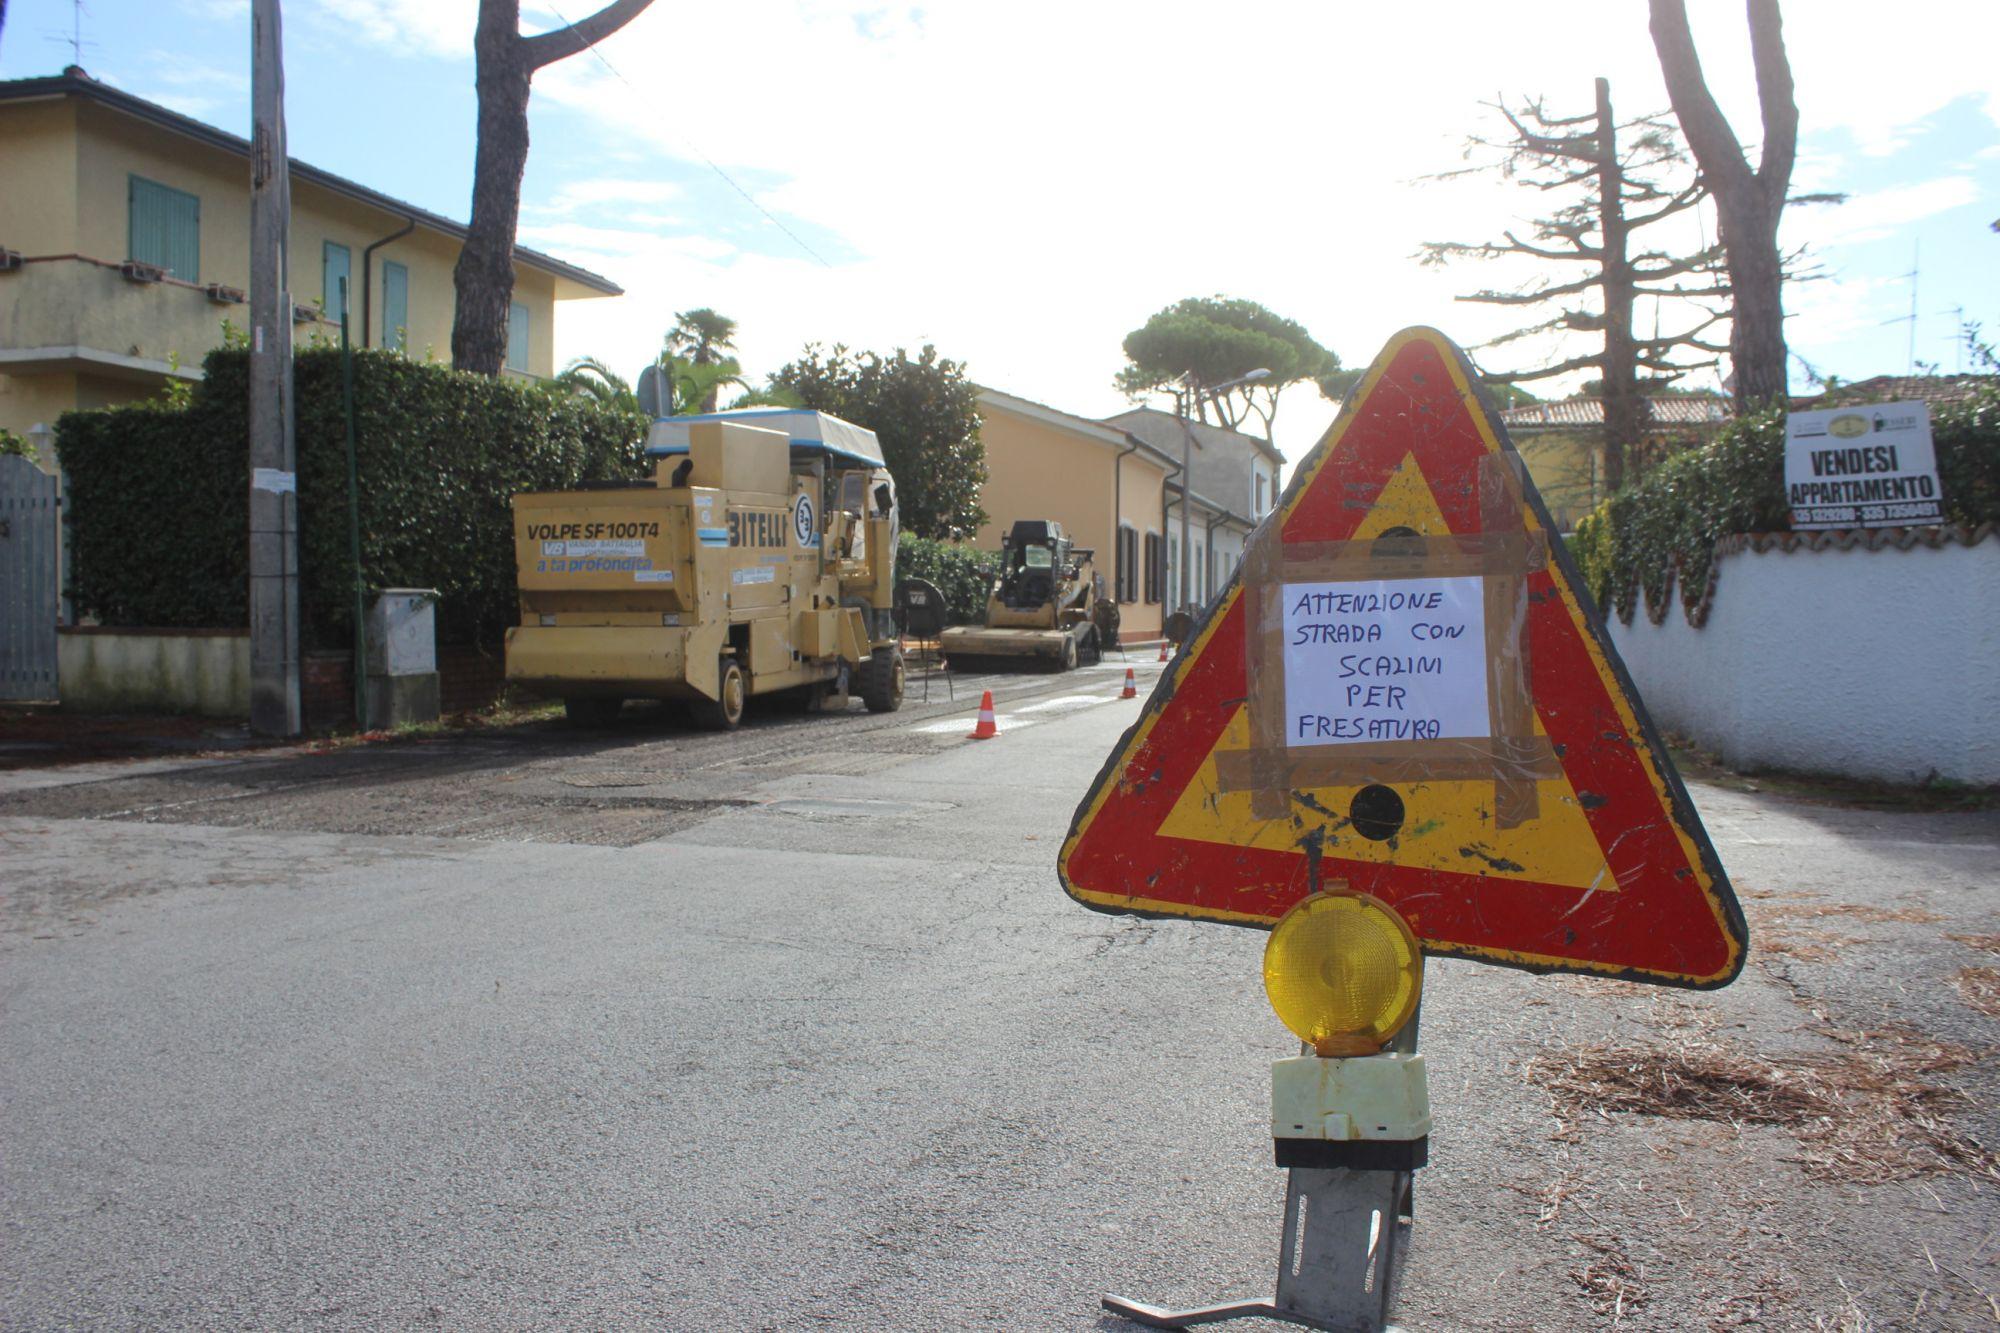 Viabilità, altri 65 ripristini stradali per migliorare sicurezza